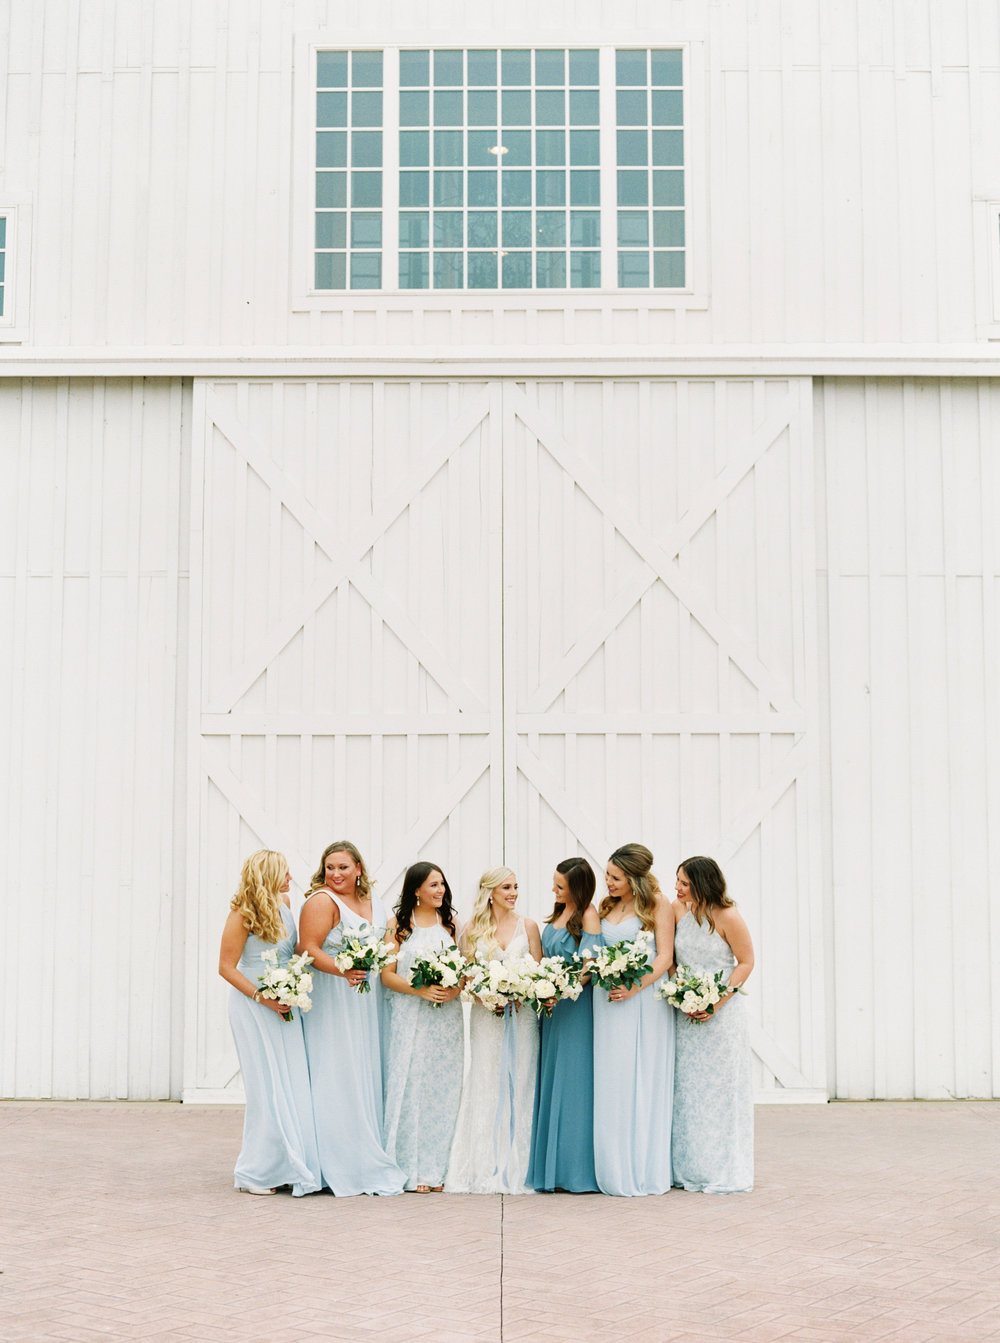 Chloe+Austin Wedding_443 copy.JPG